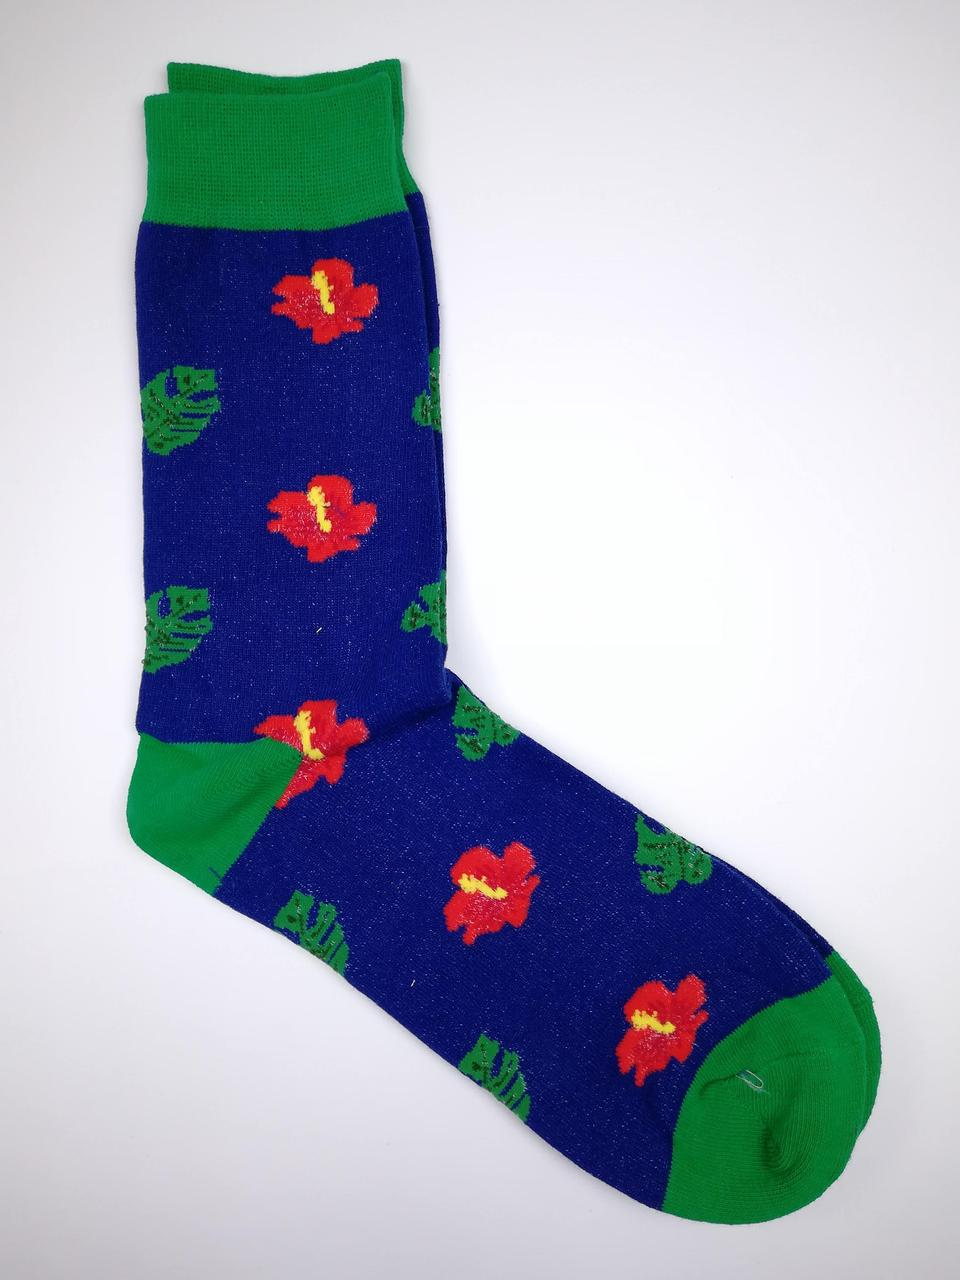 Шкарпетки з незвичайним принтом Гібіскус і монстера